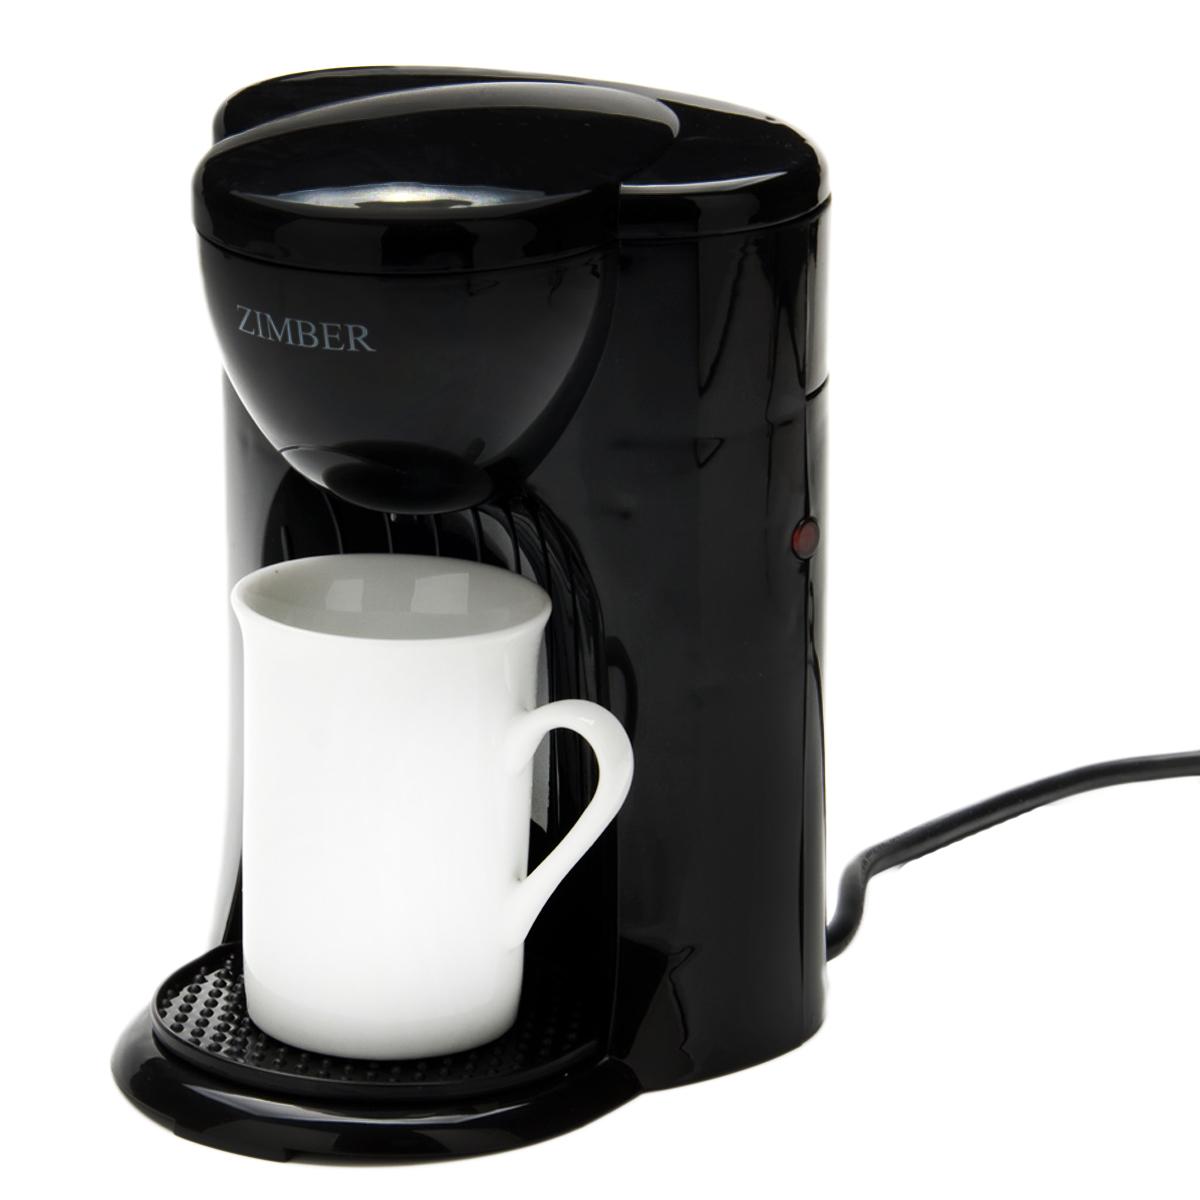 Zimber ZM-11011 кофеваркаZM-11011Кофеварка Zimber ZM-11011 представляет собой современный аппарат, сочетающий в себе компактность, функциональность и практичность. Модель мощностью 330 Вт позволяет приготовить чашку вашего любимого напитка нажатием буквально одной кнопки. Кофе варится под высоким давлением в 15 бар, тем самым извлекается максимум вкуса и аромата из кофейных зерен. Кофеварка изготовлена из высококачественного полипропилена, устойчивого к высоким температурам и влажности. Оснащена индикатором включения/выключения. В комплекте поставляются 1 керамическая кружка емкостью 125 мл. Благодаря стильному дизайну Zimber ZM-11011 впишется в любую современную кухню.